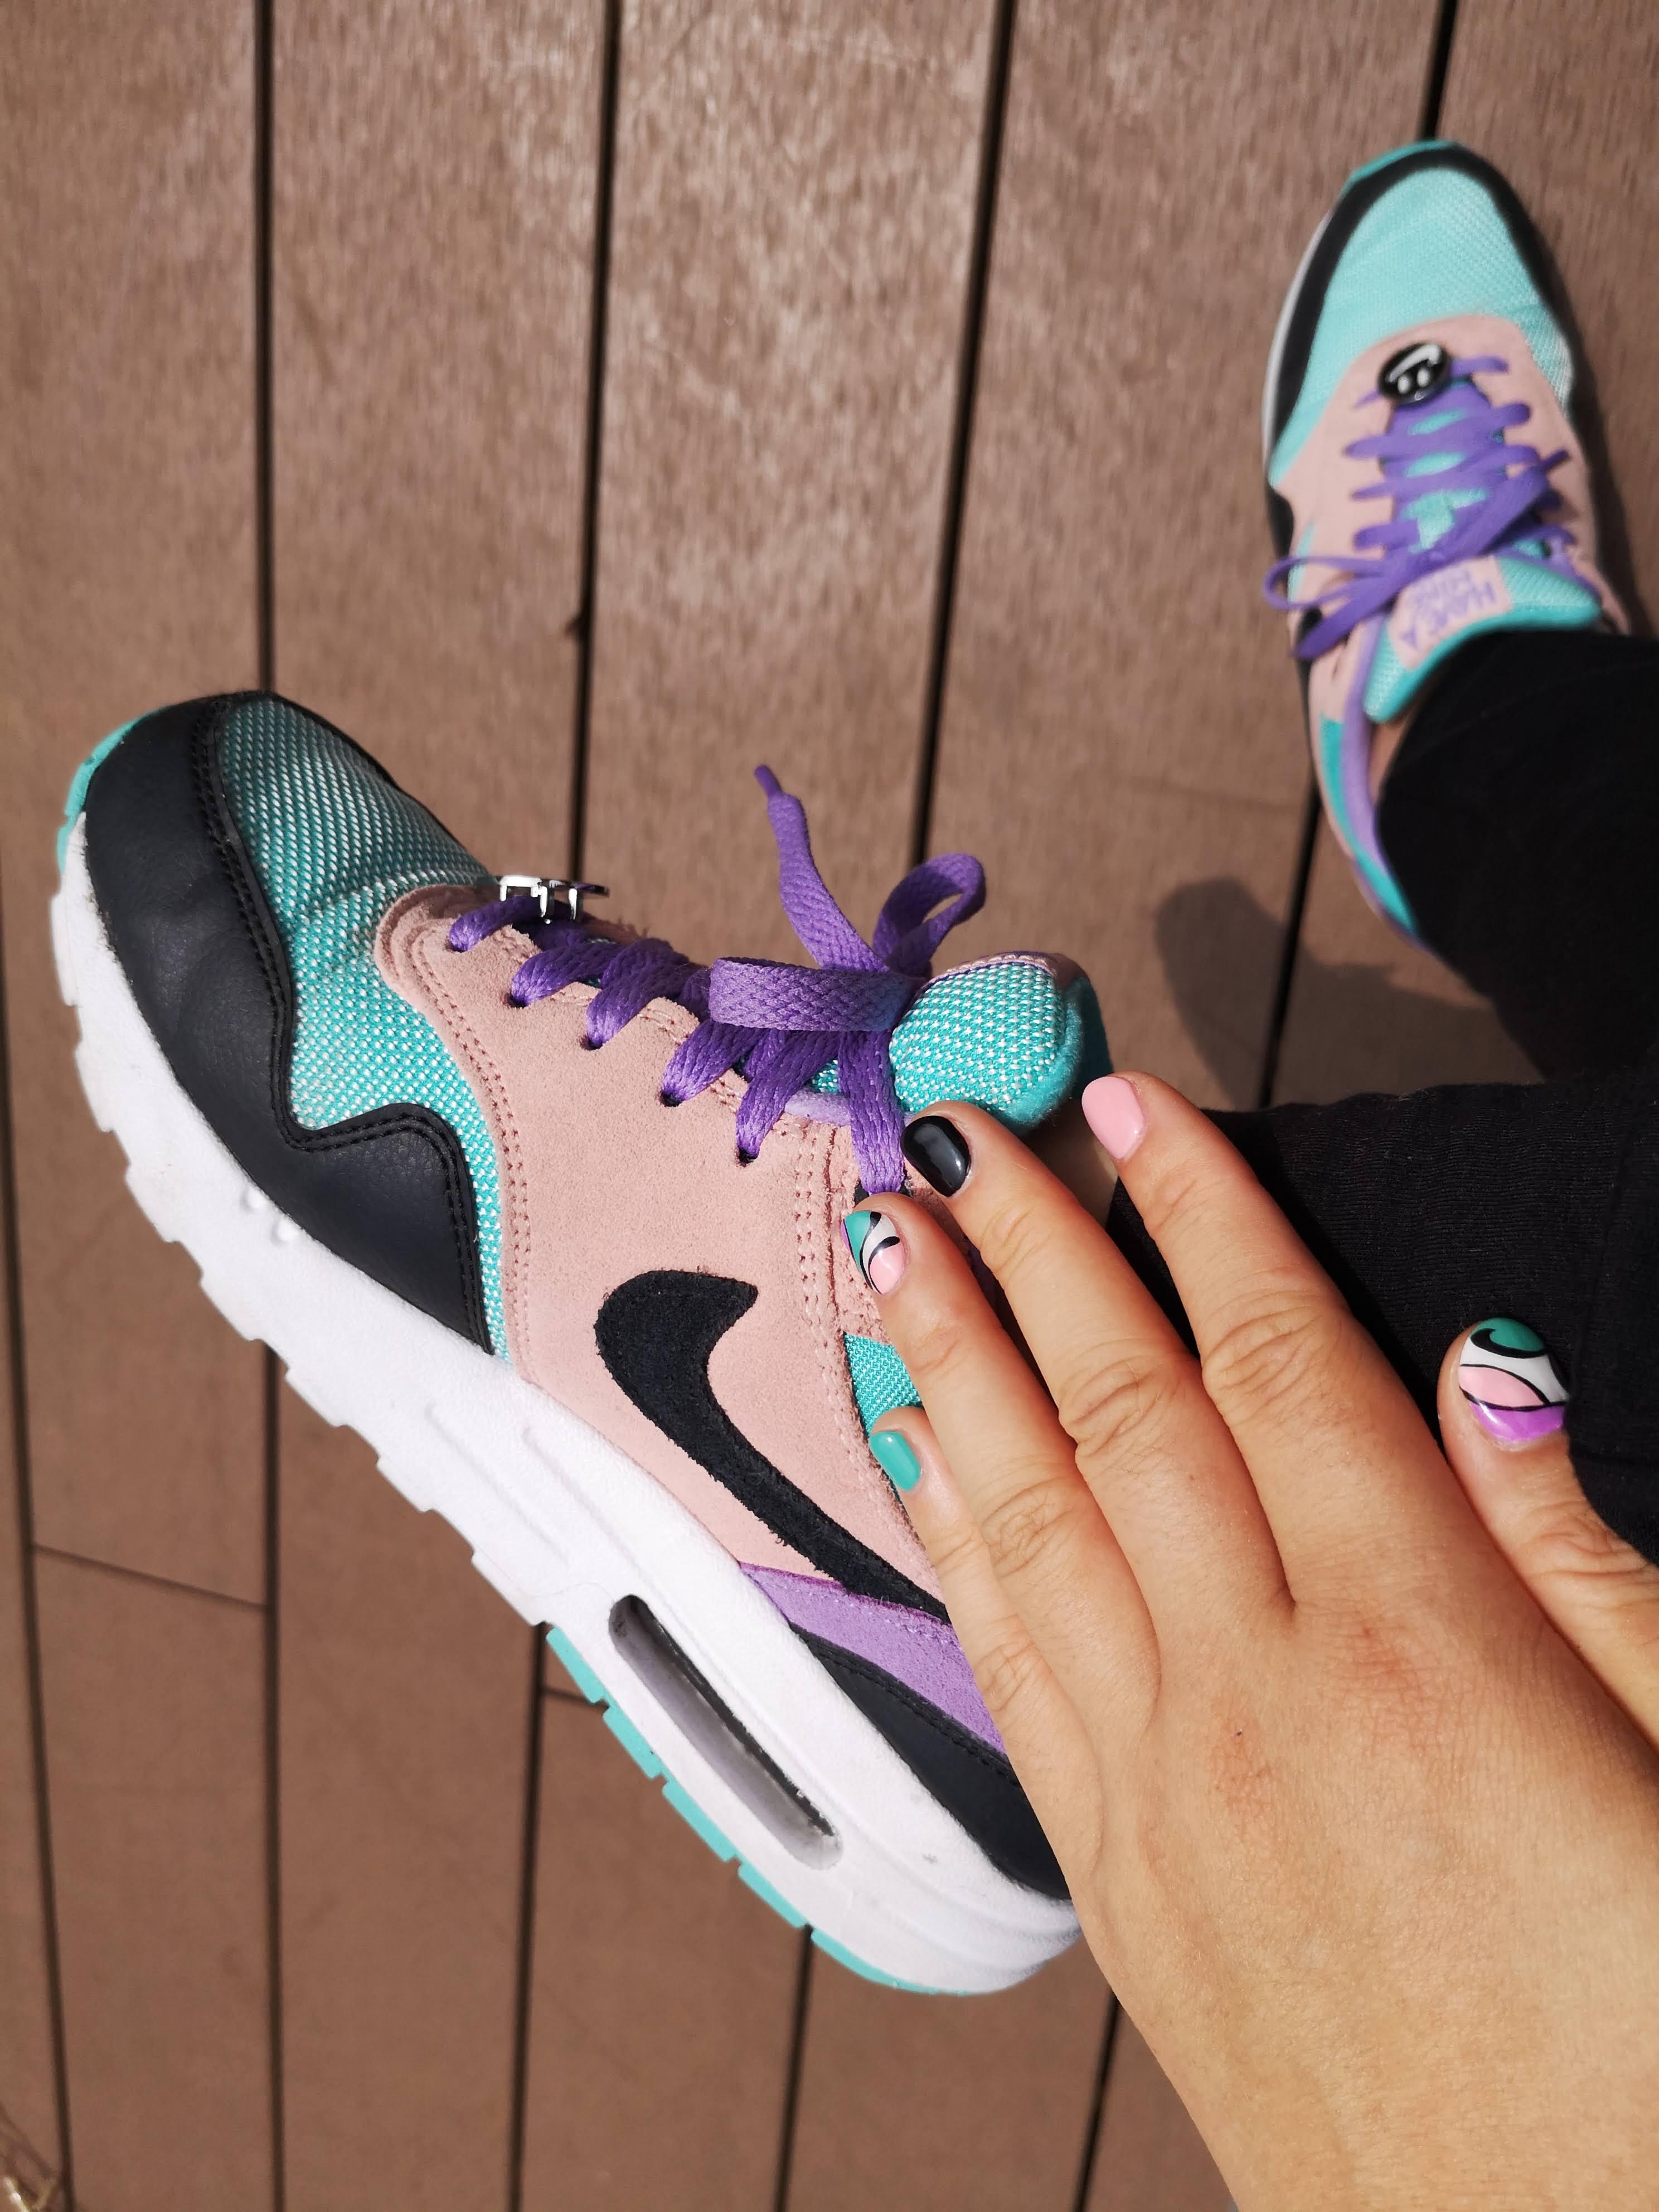 ネイル&スニーカー (Nail_Nike_Air Max1_Have A Nike Day)